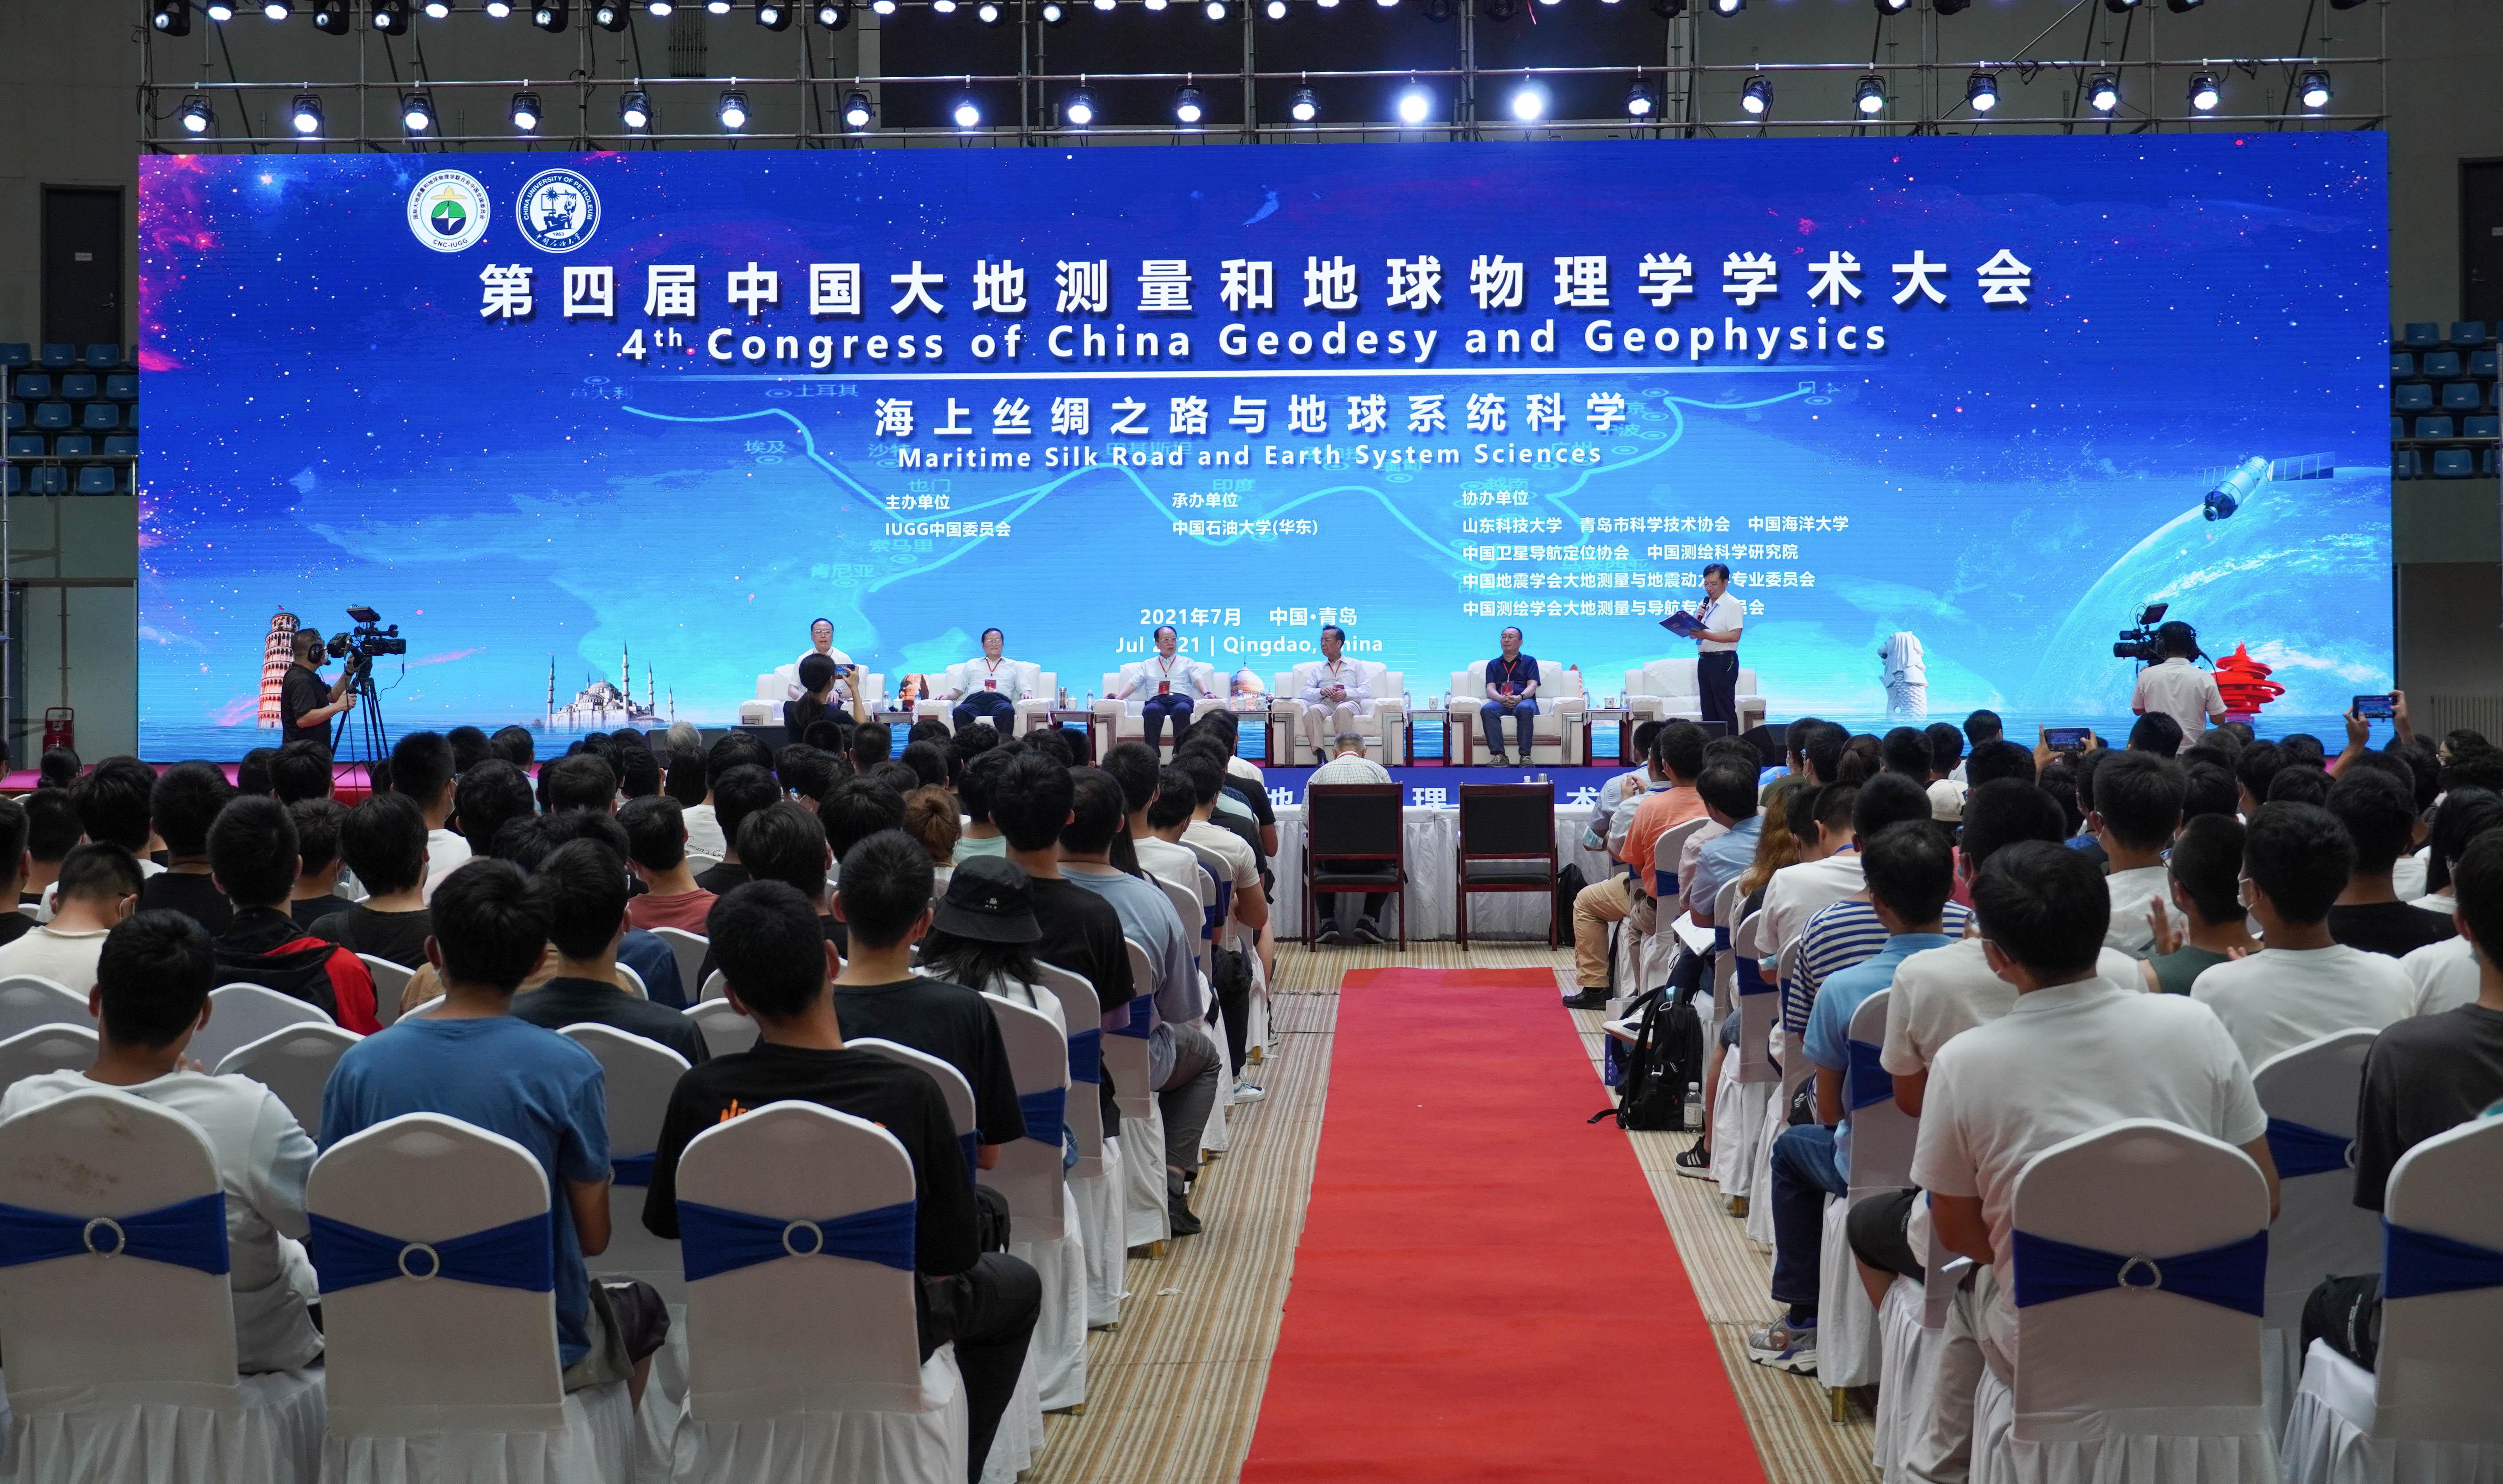 第四届中国大地测量和地球物理学学术大会现场图